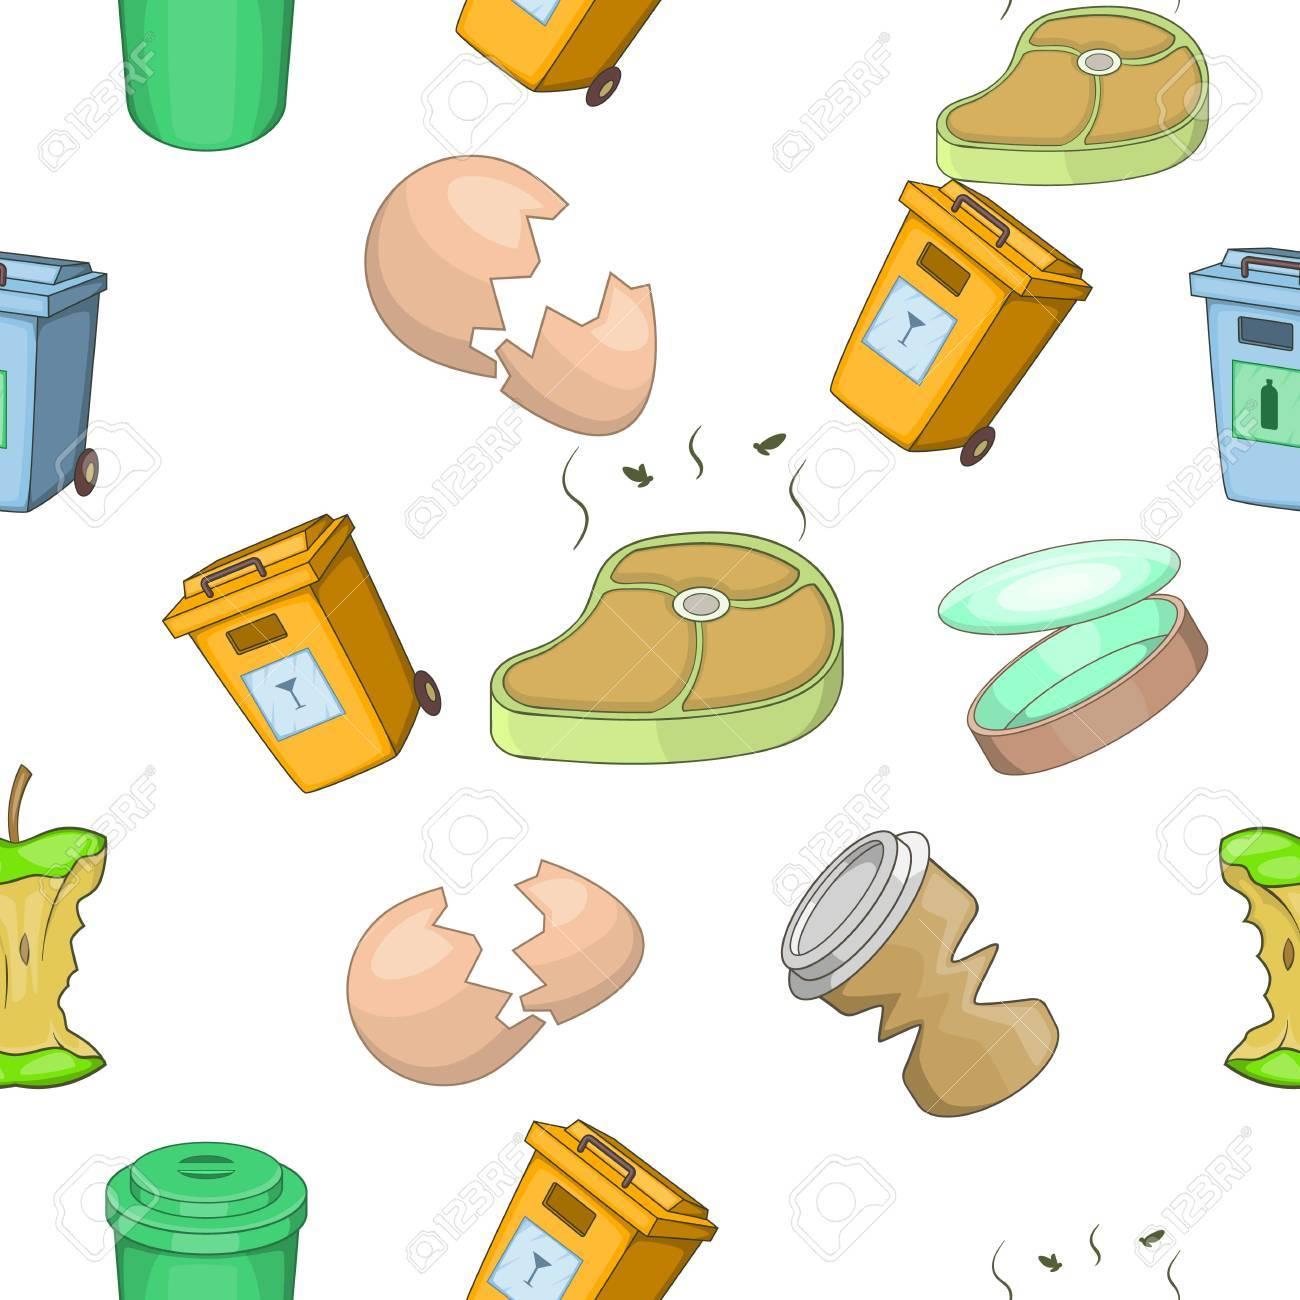 70693790-modèle-de-déchets-style-de-dessin-animé